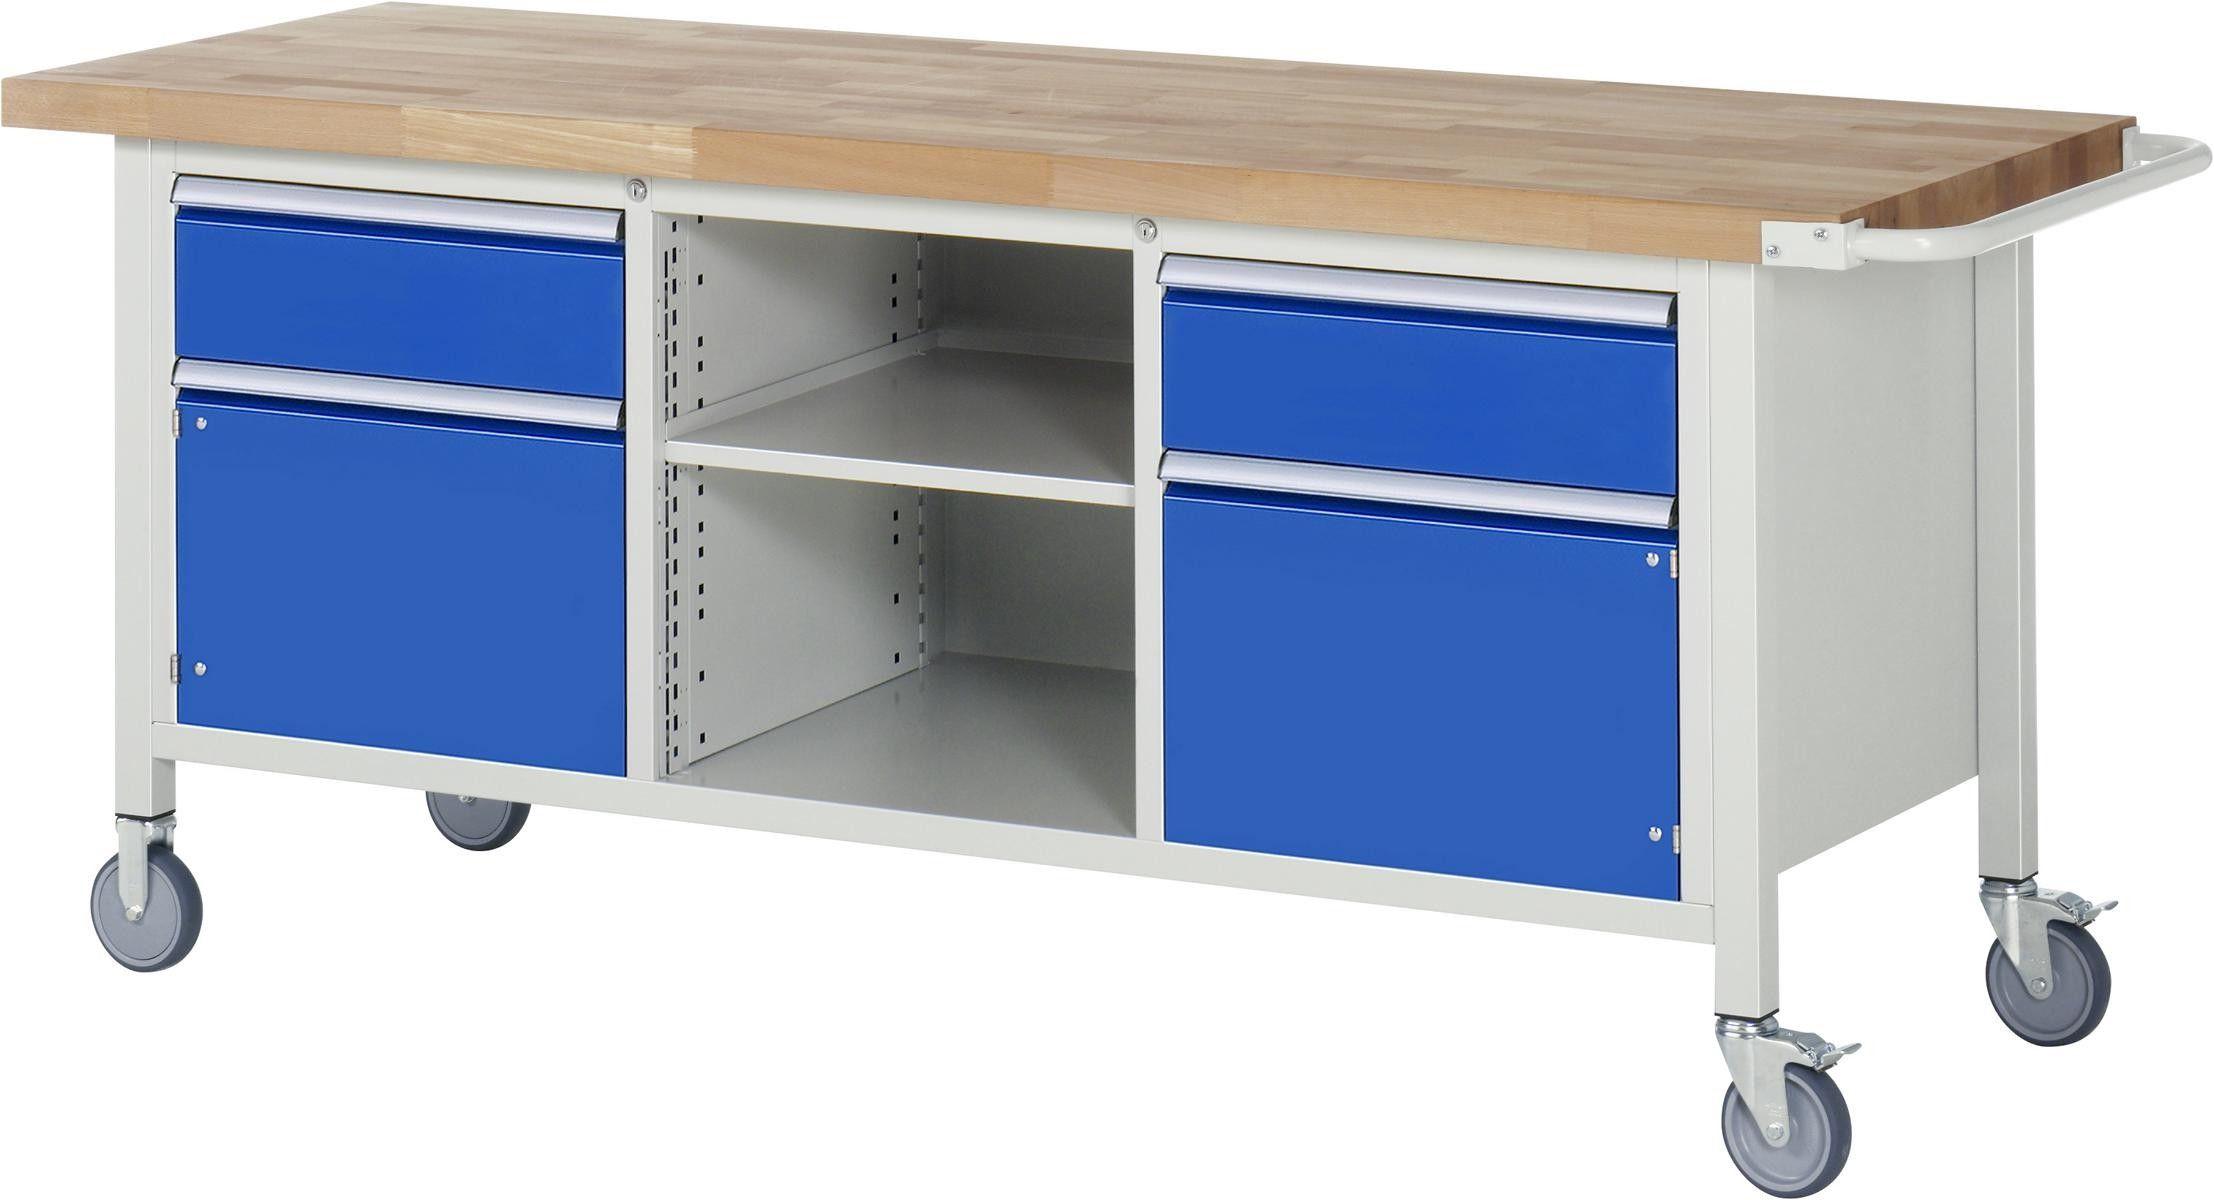 Fahrbare Werkbank 8000 Modell 8561 2000x700x880 1080 Mm Vollauszug Schliessfacher Arbeitsplatte Und Auszug